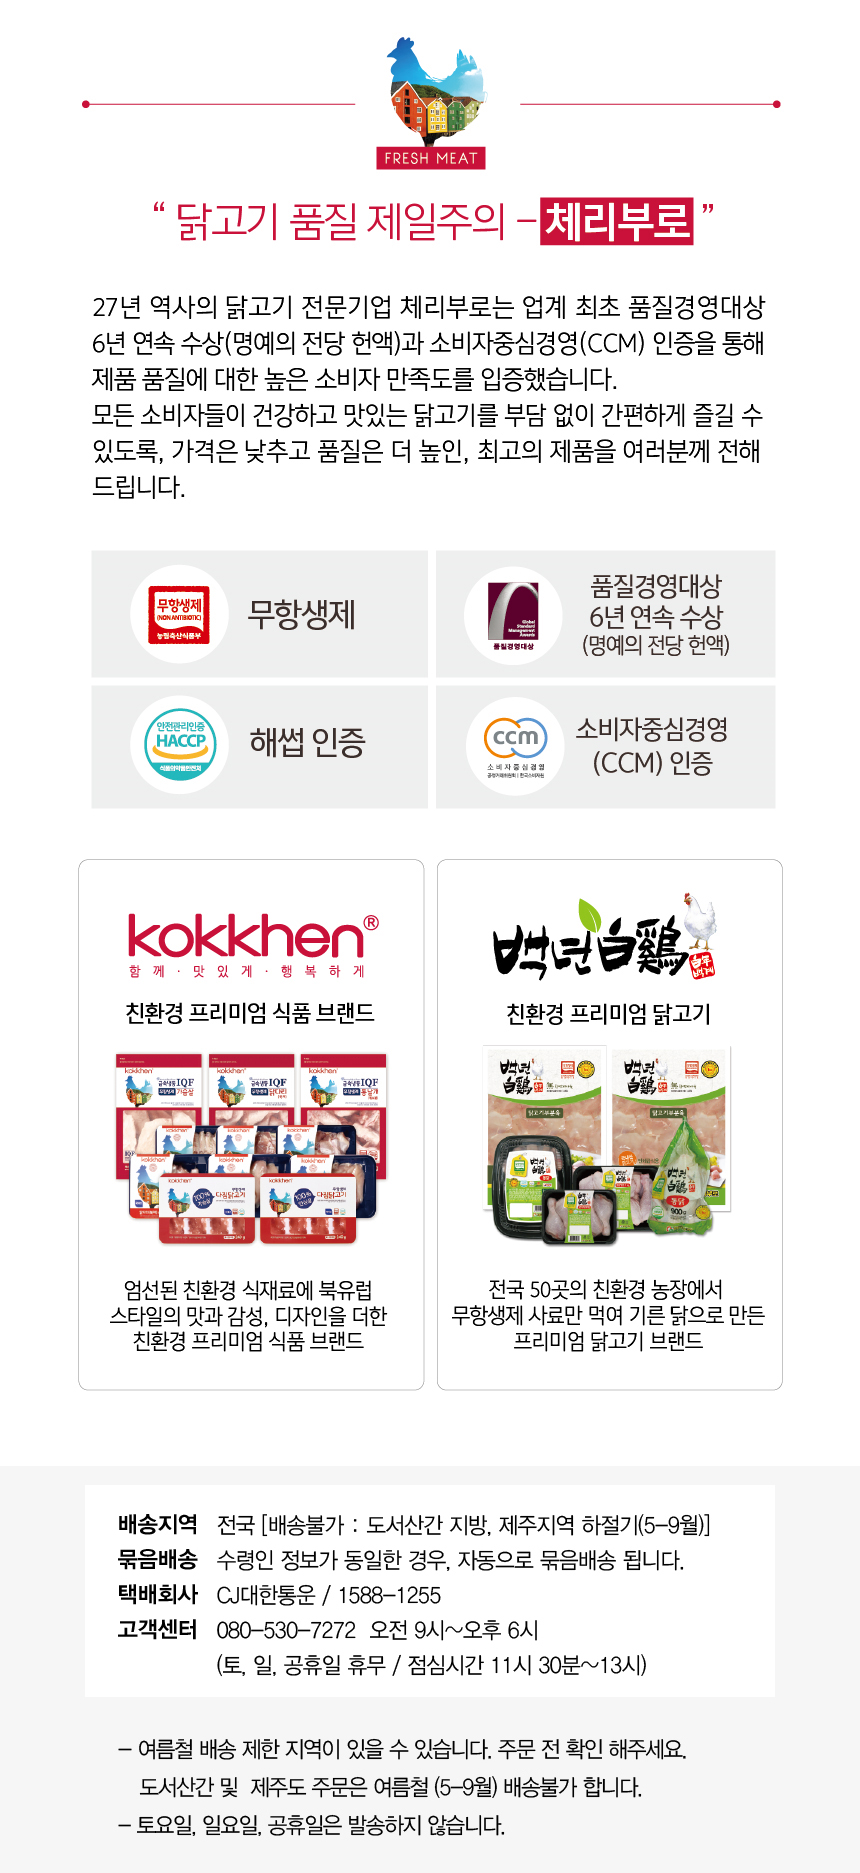 온라인_신선제품_배송정보